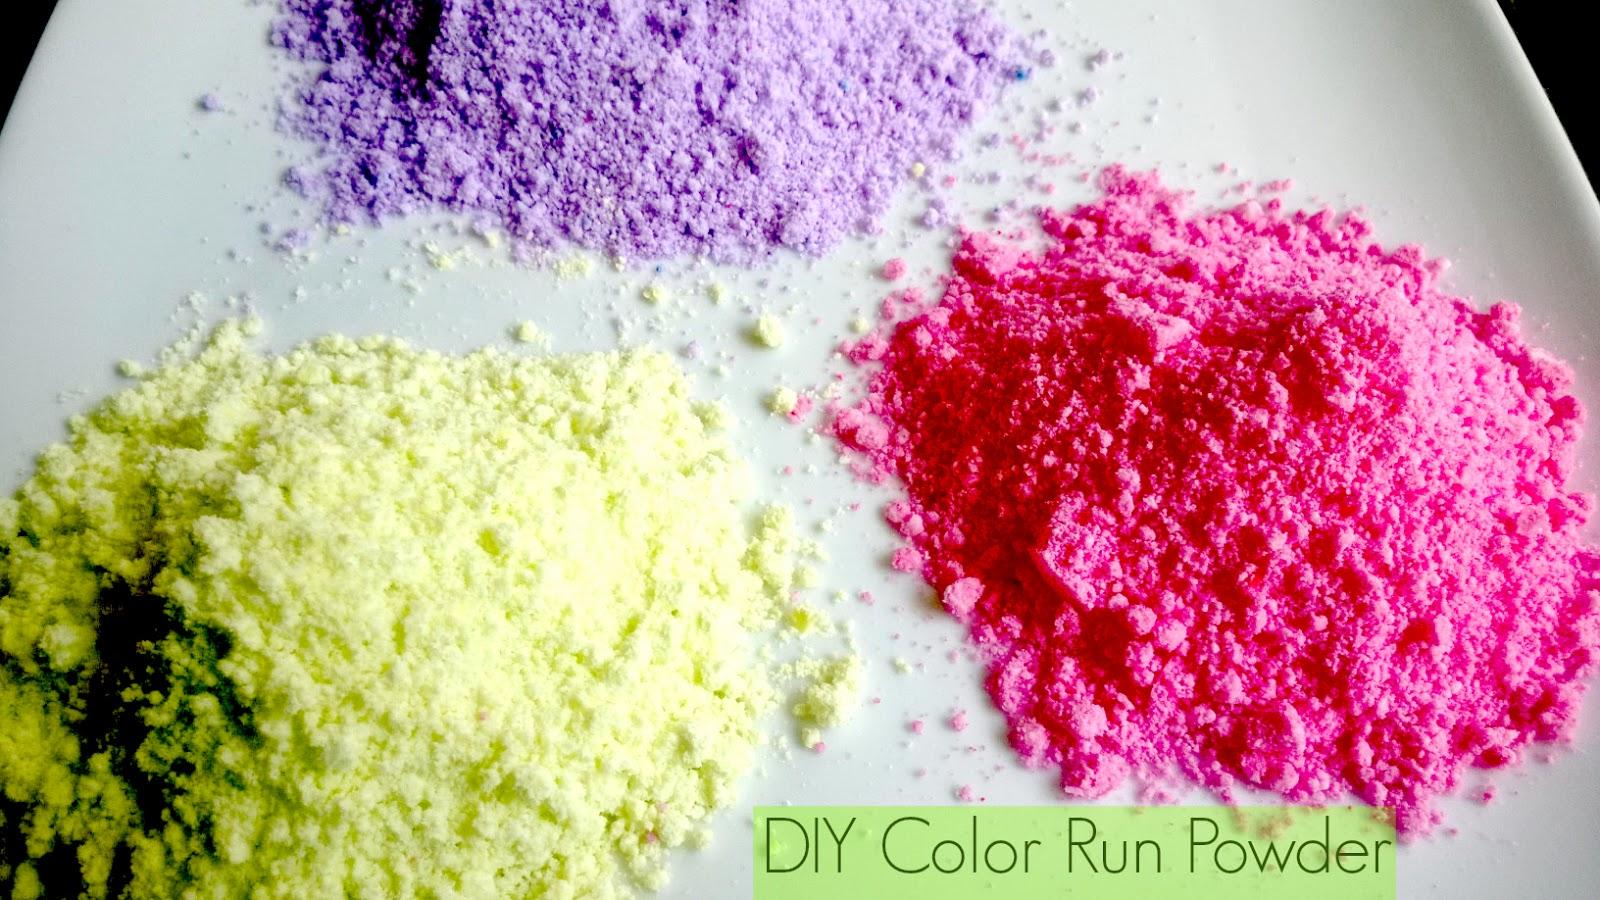 Diy Color Run Powder